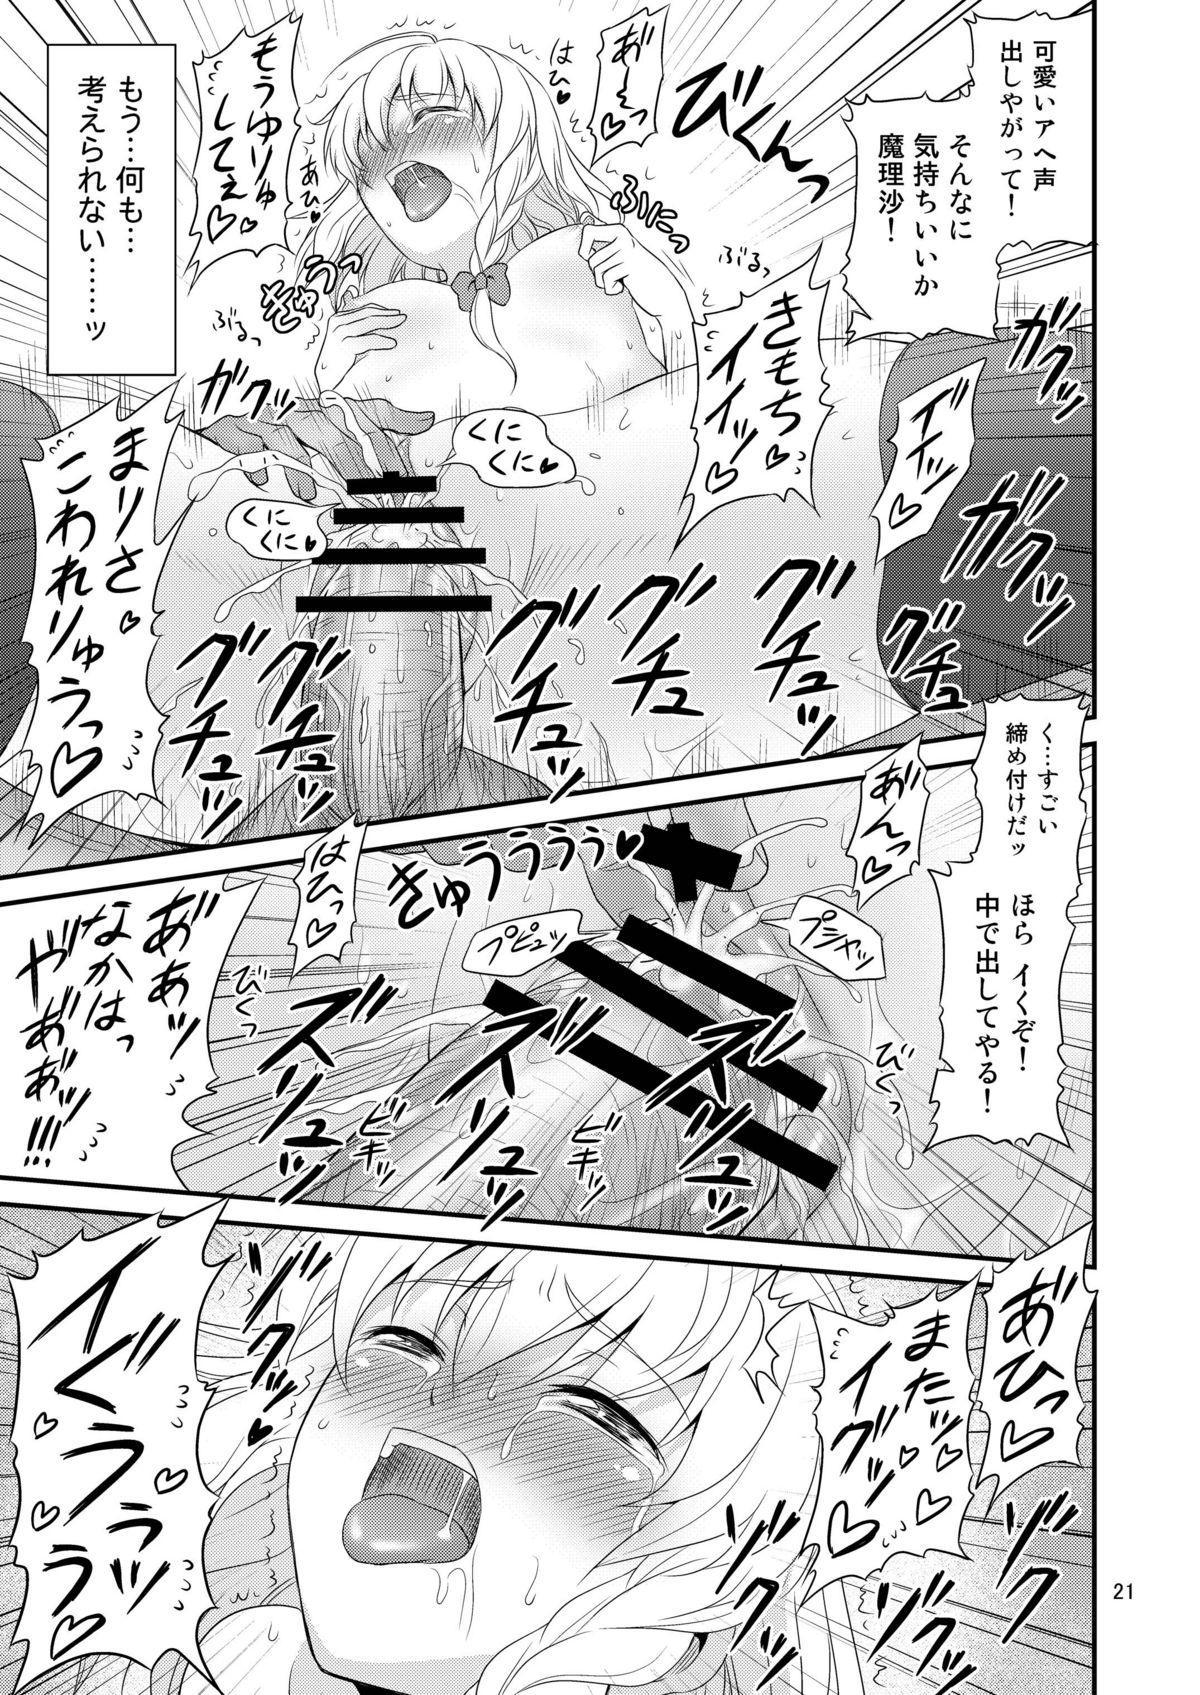 Gensoukyou no Ou - Ryoujoku Hen 20